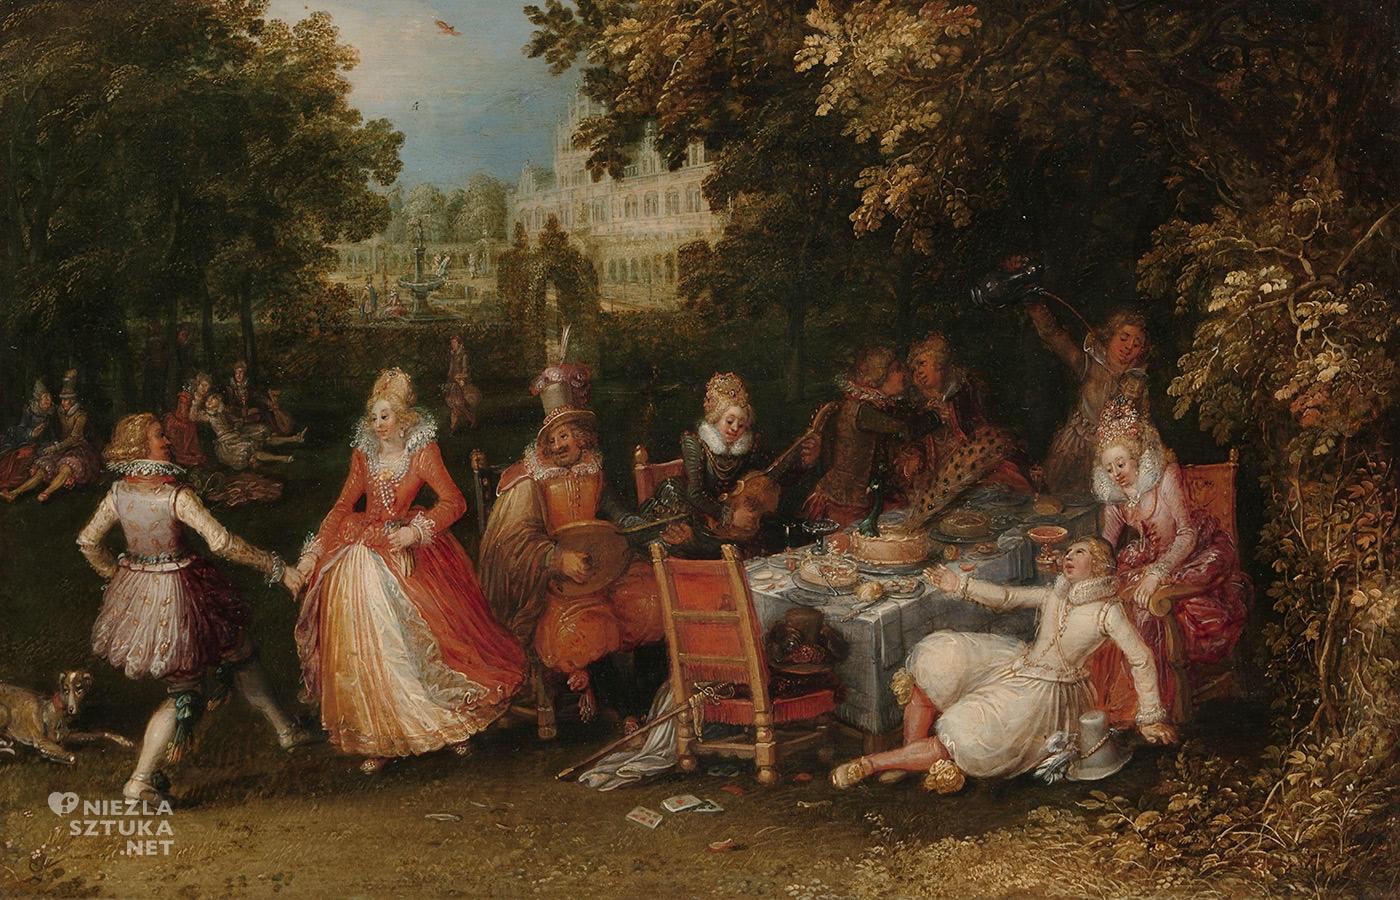 David Vinckboons, Eleganckie przyjęcie w kwiecistym ogrodzie pałacowym, zmysły, zapach, Niezła Sztuka